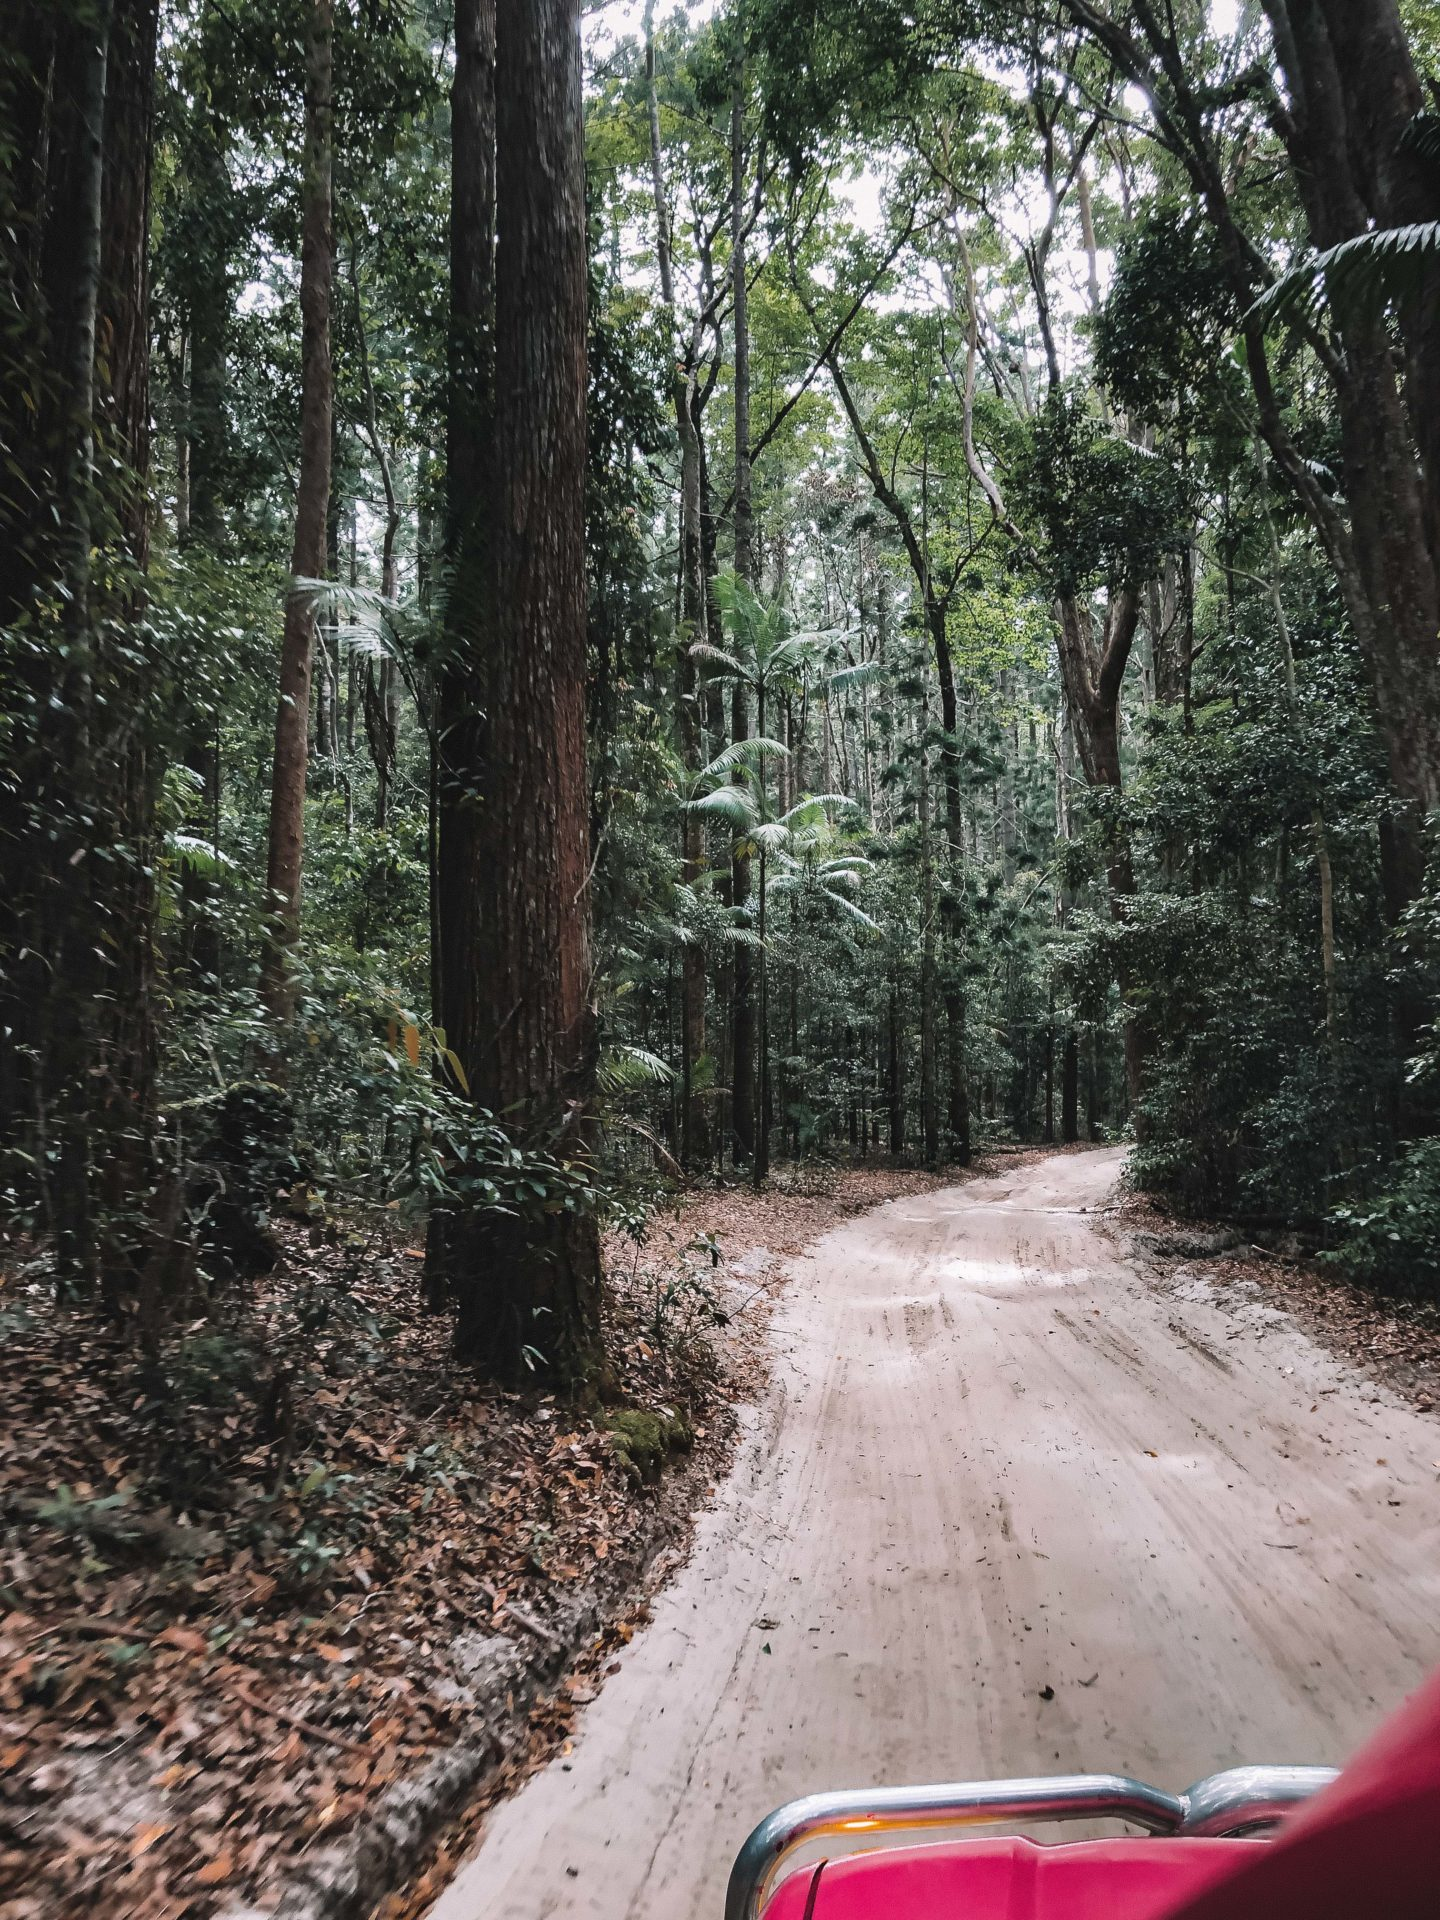 4x4 Fraser Island - Blondie Baby blog mode et voyages